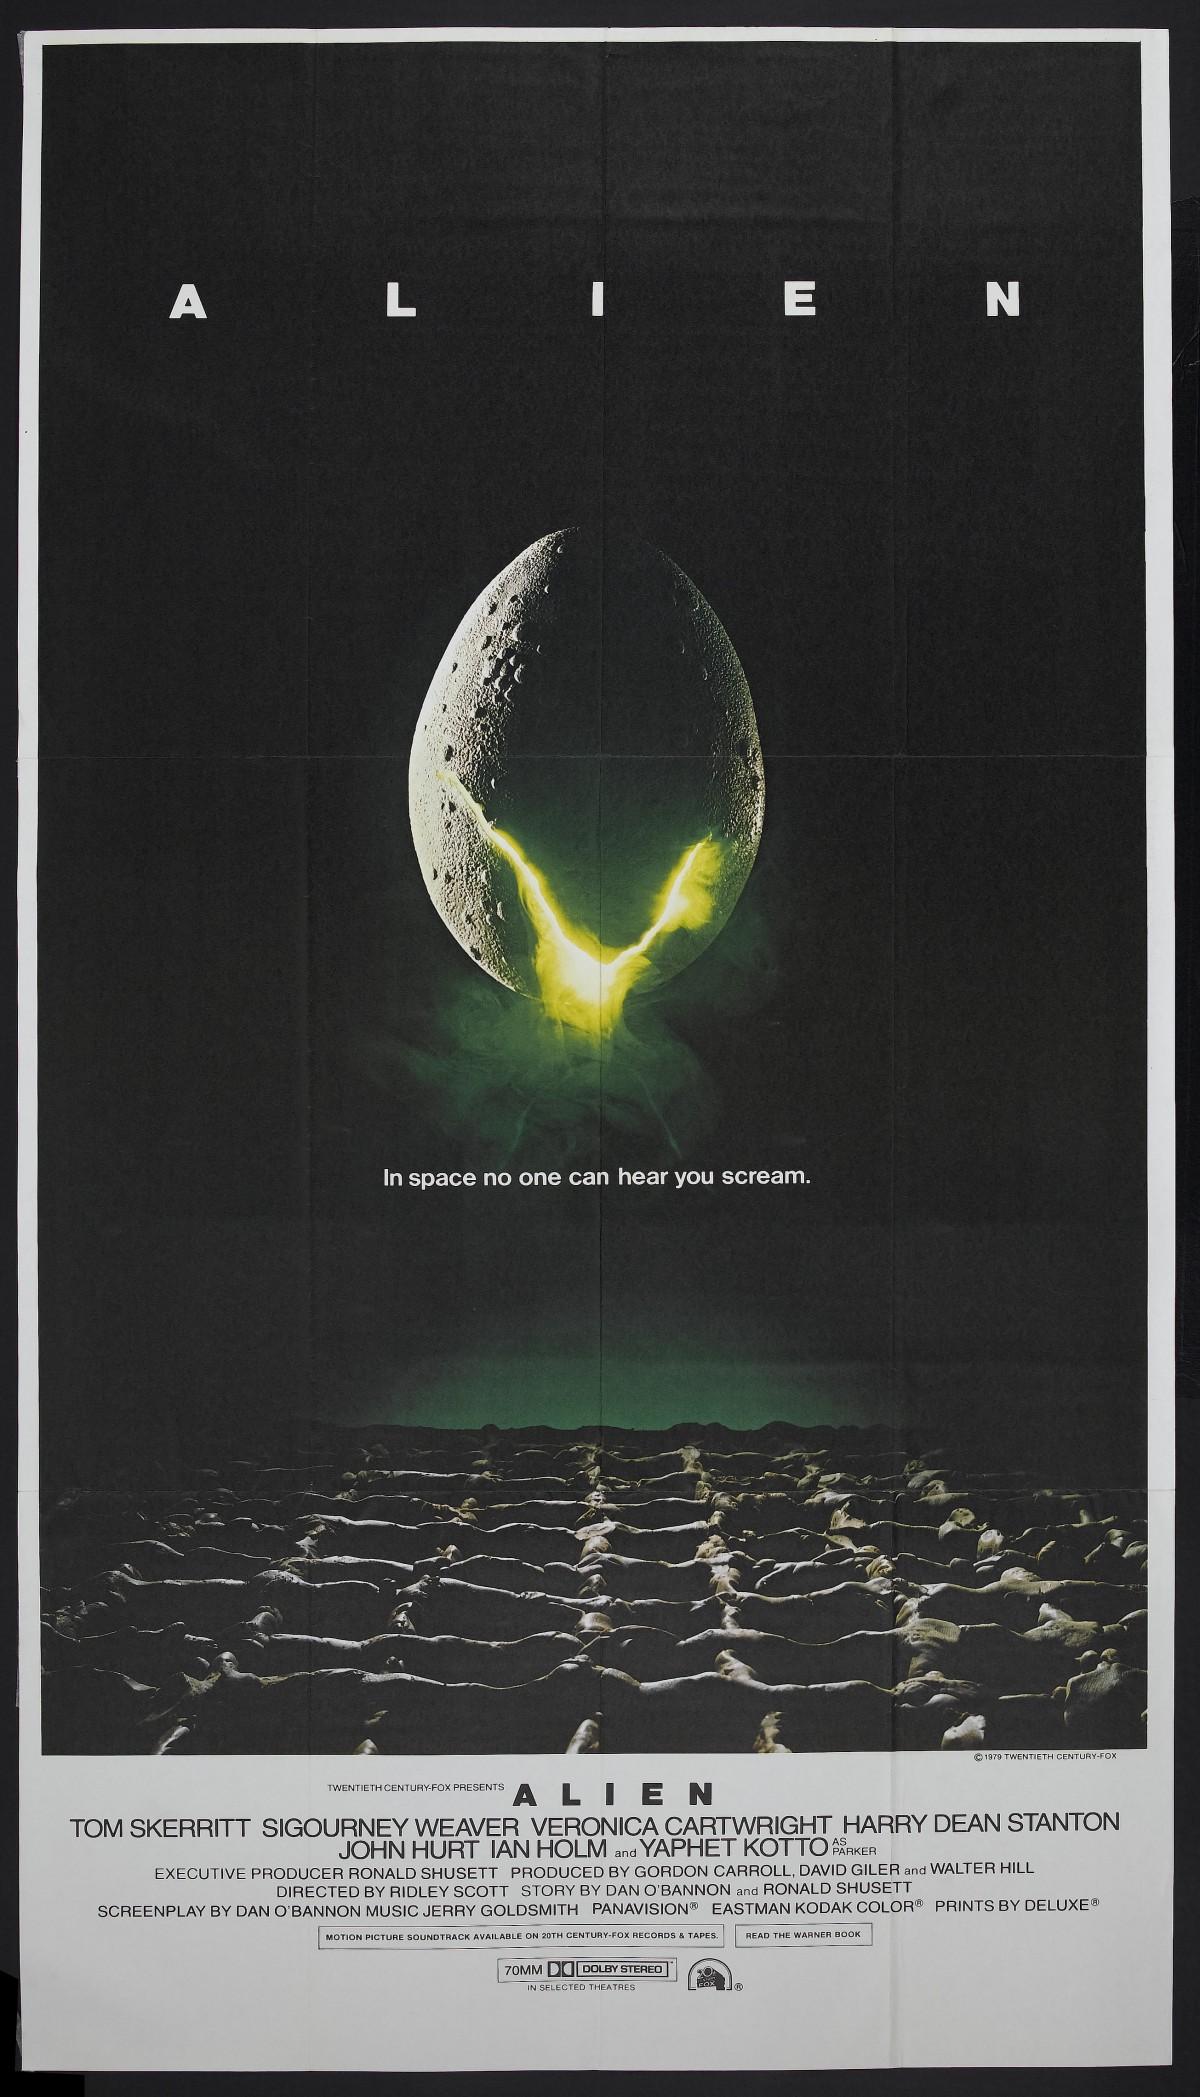 4. Alien (1979)